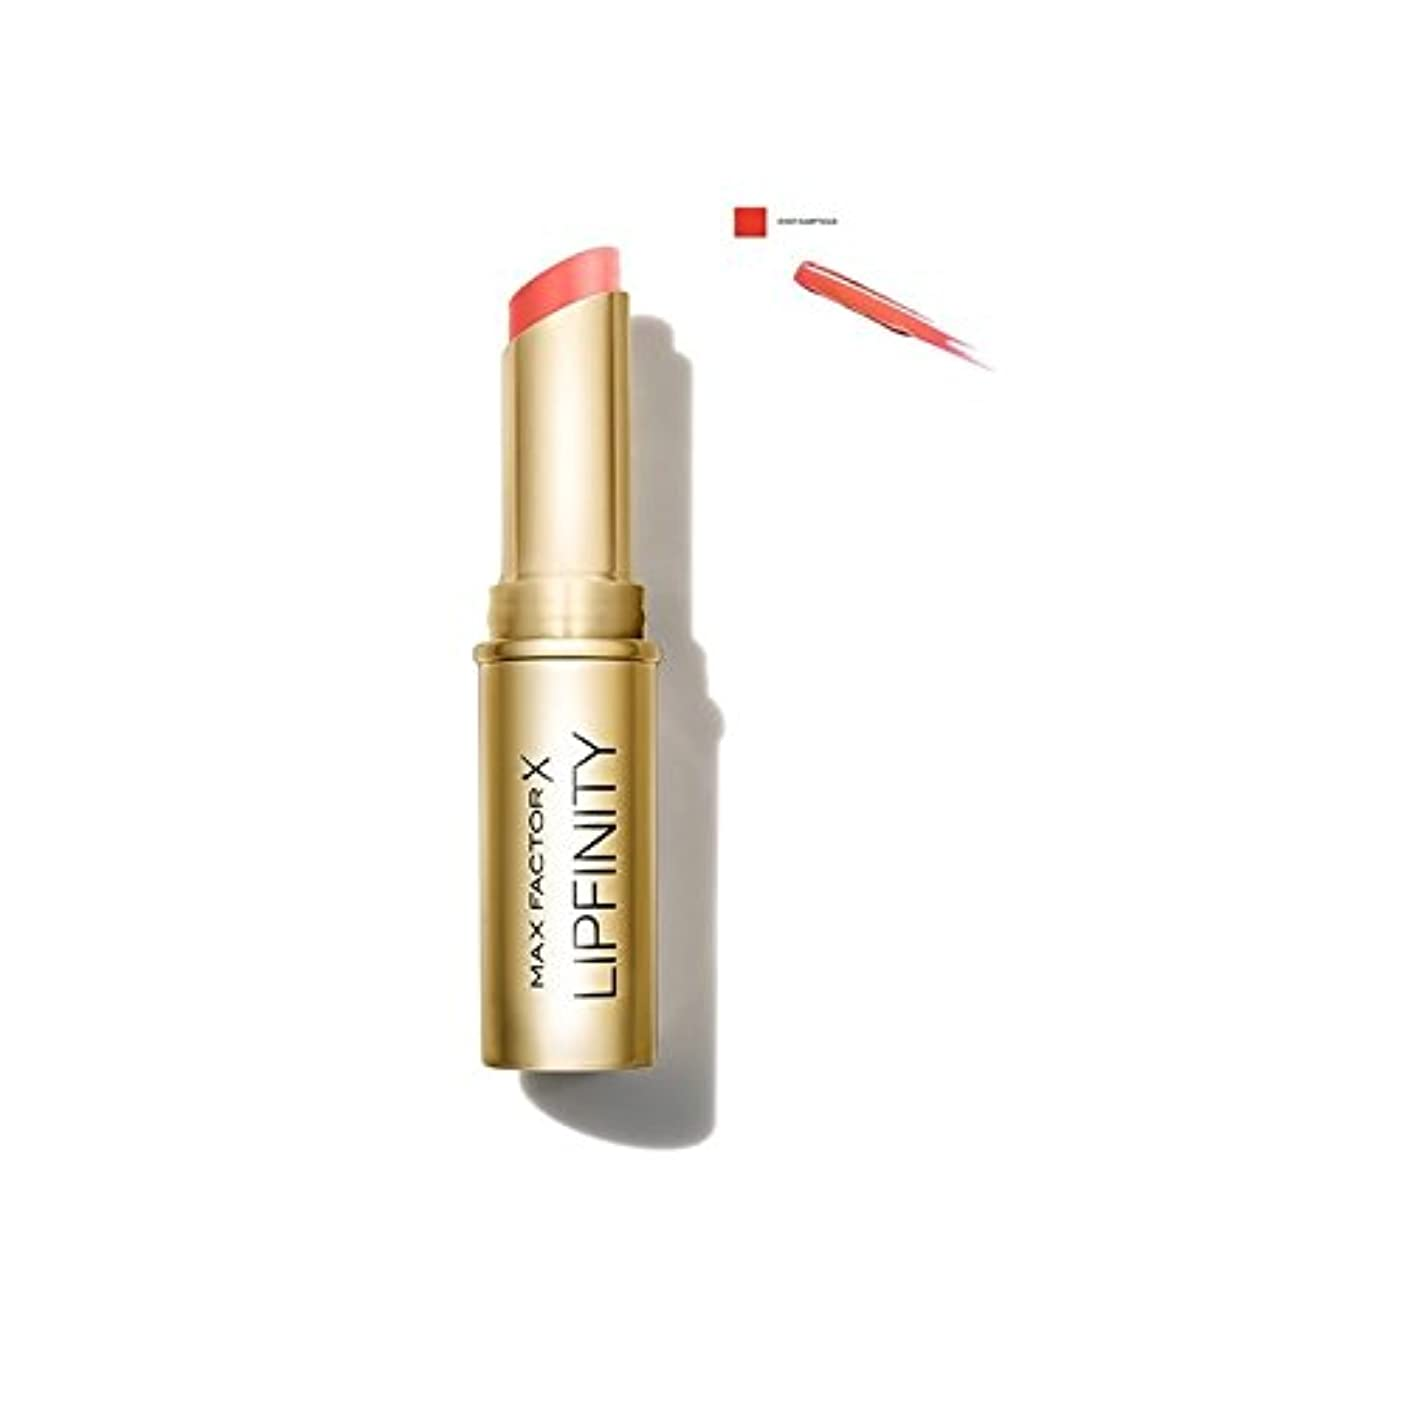 梨わざわざ特派員Max Factor Lipfinity Long Lasting Lipstick Ever Sumptuous (Pack of 6) - 長い口紅が今まで豪華な持続マックスファクターの x6 [並行輸入品]